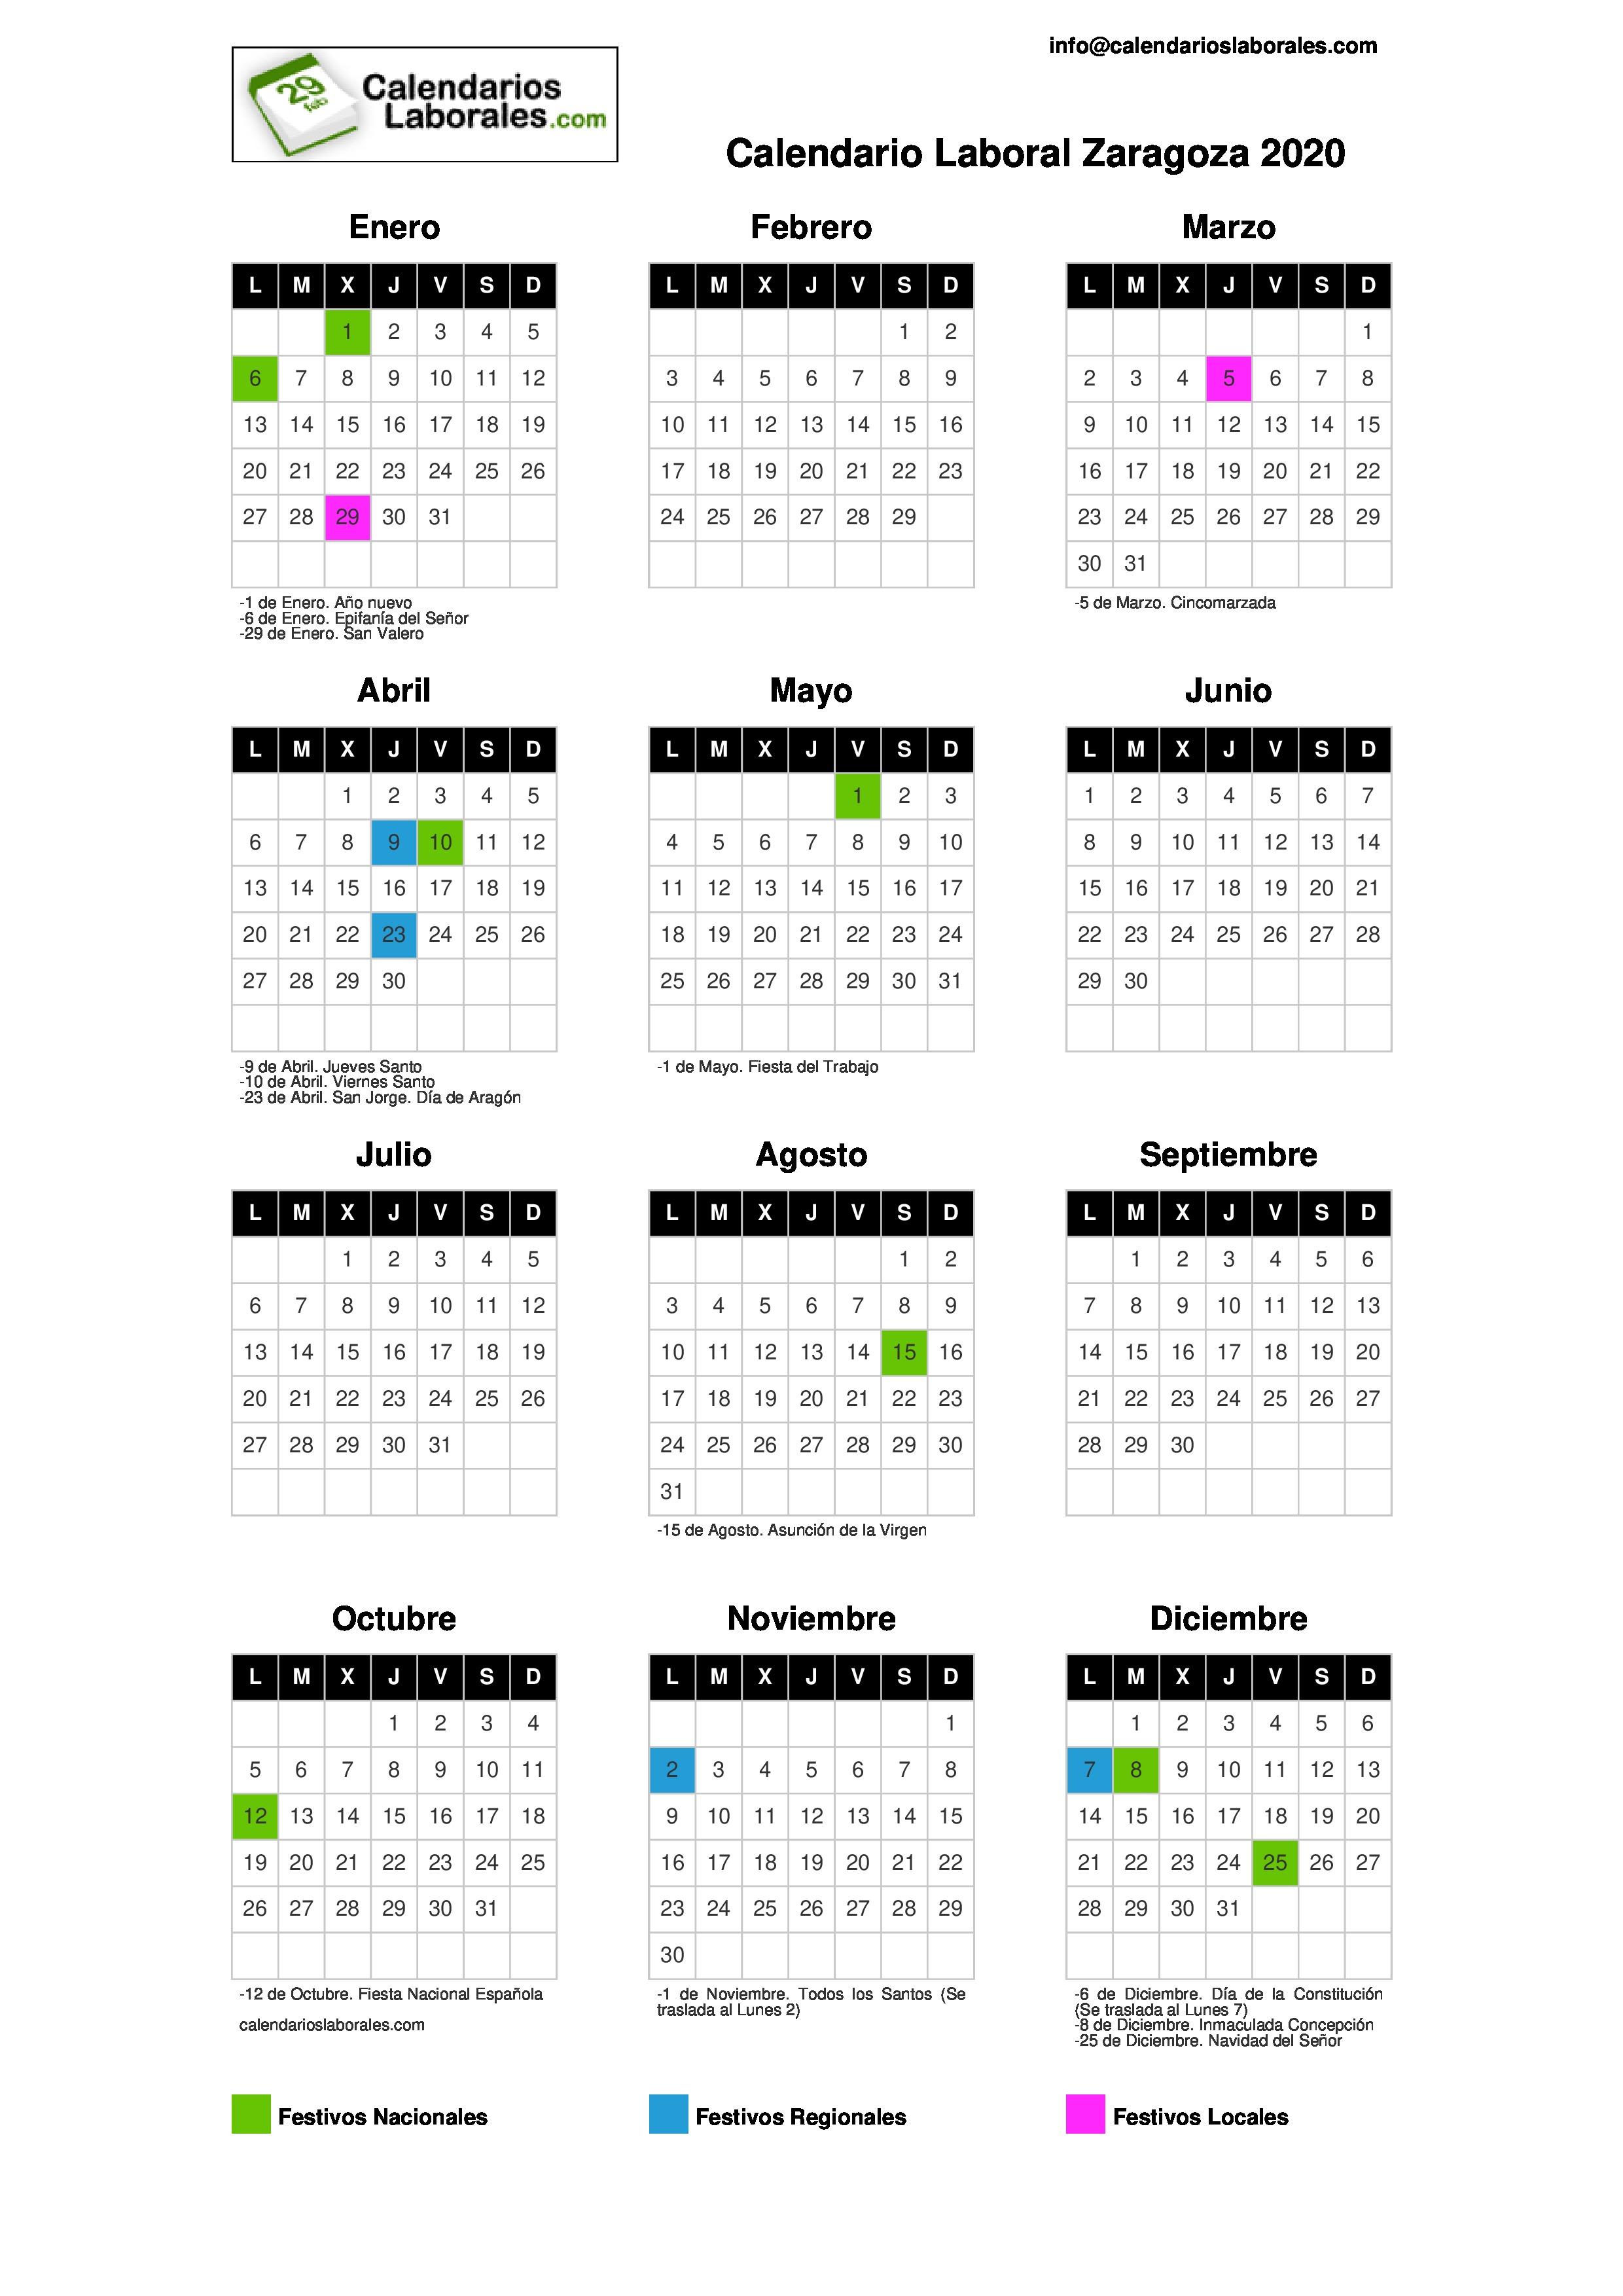 Calendario Escolar Aragon 2020.Calendario Laboral Zaragoza 2020